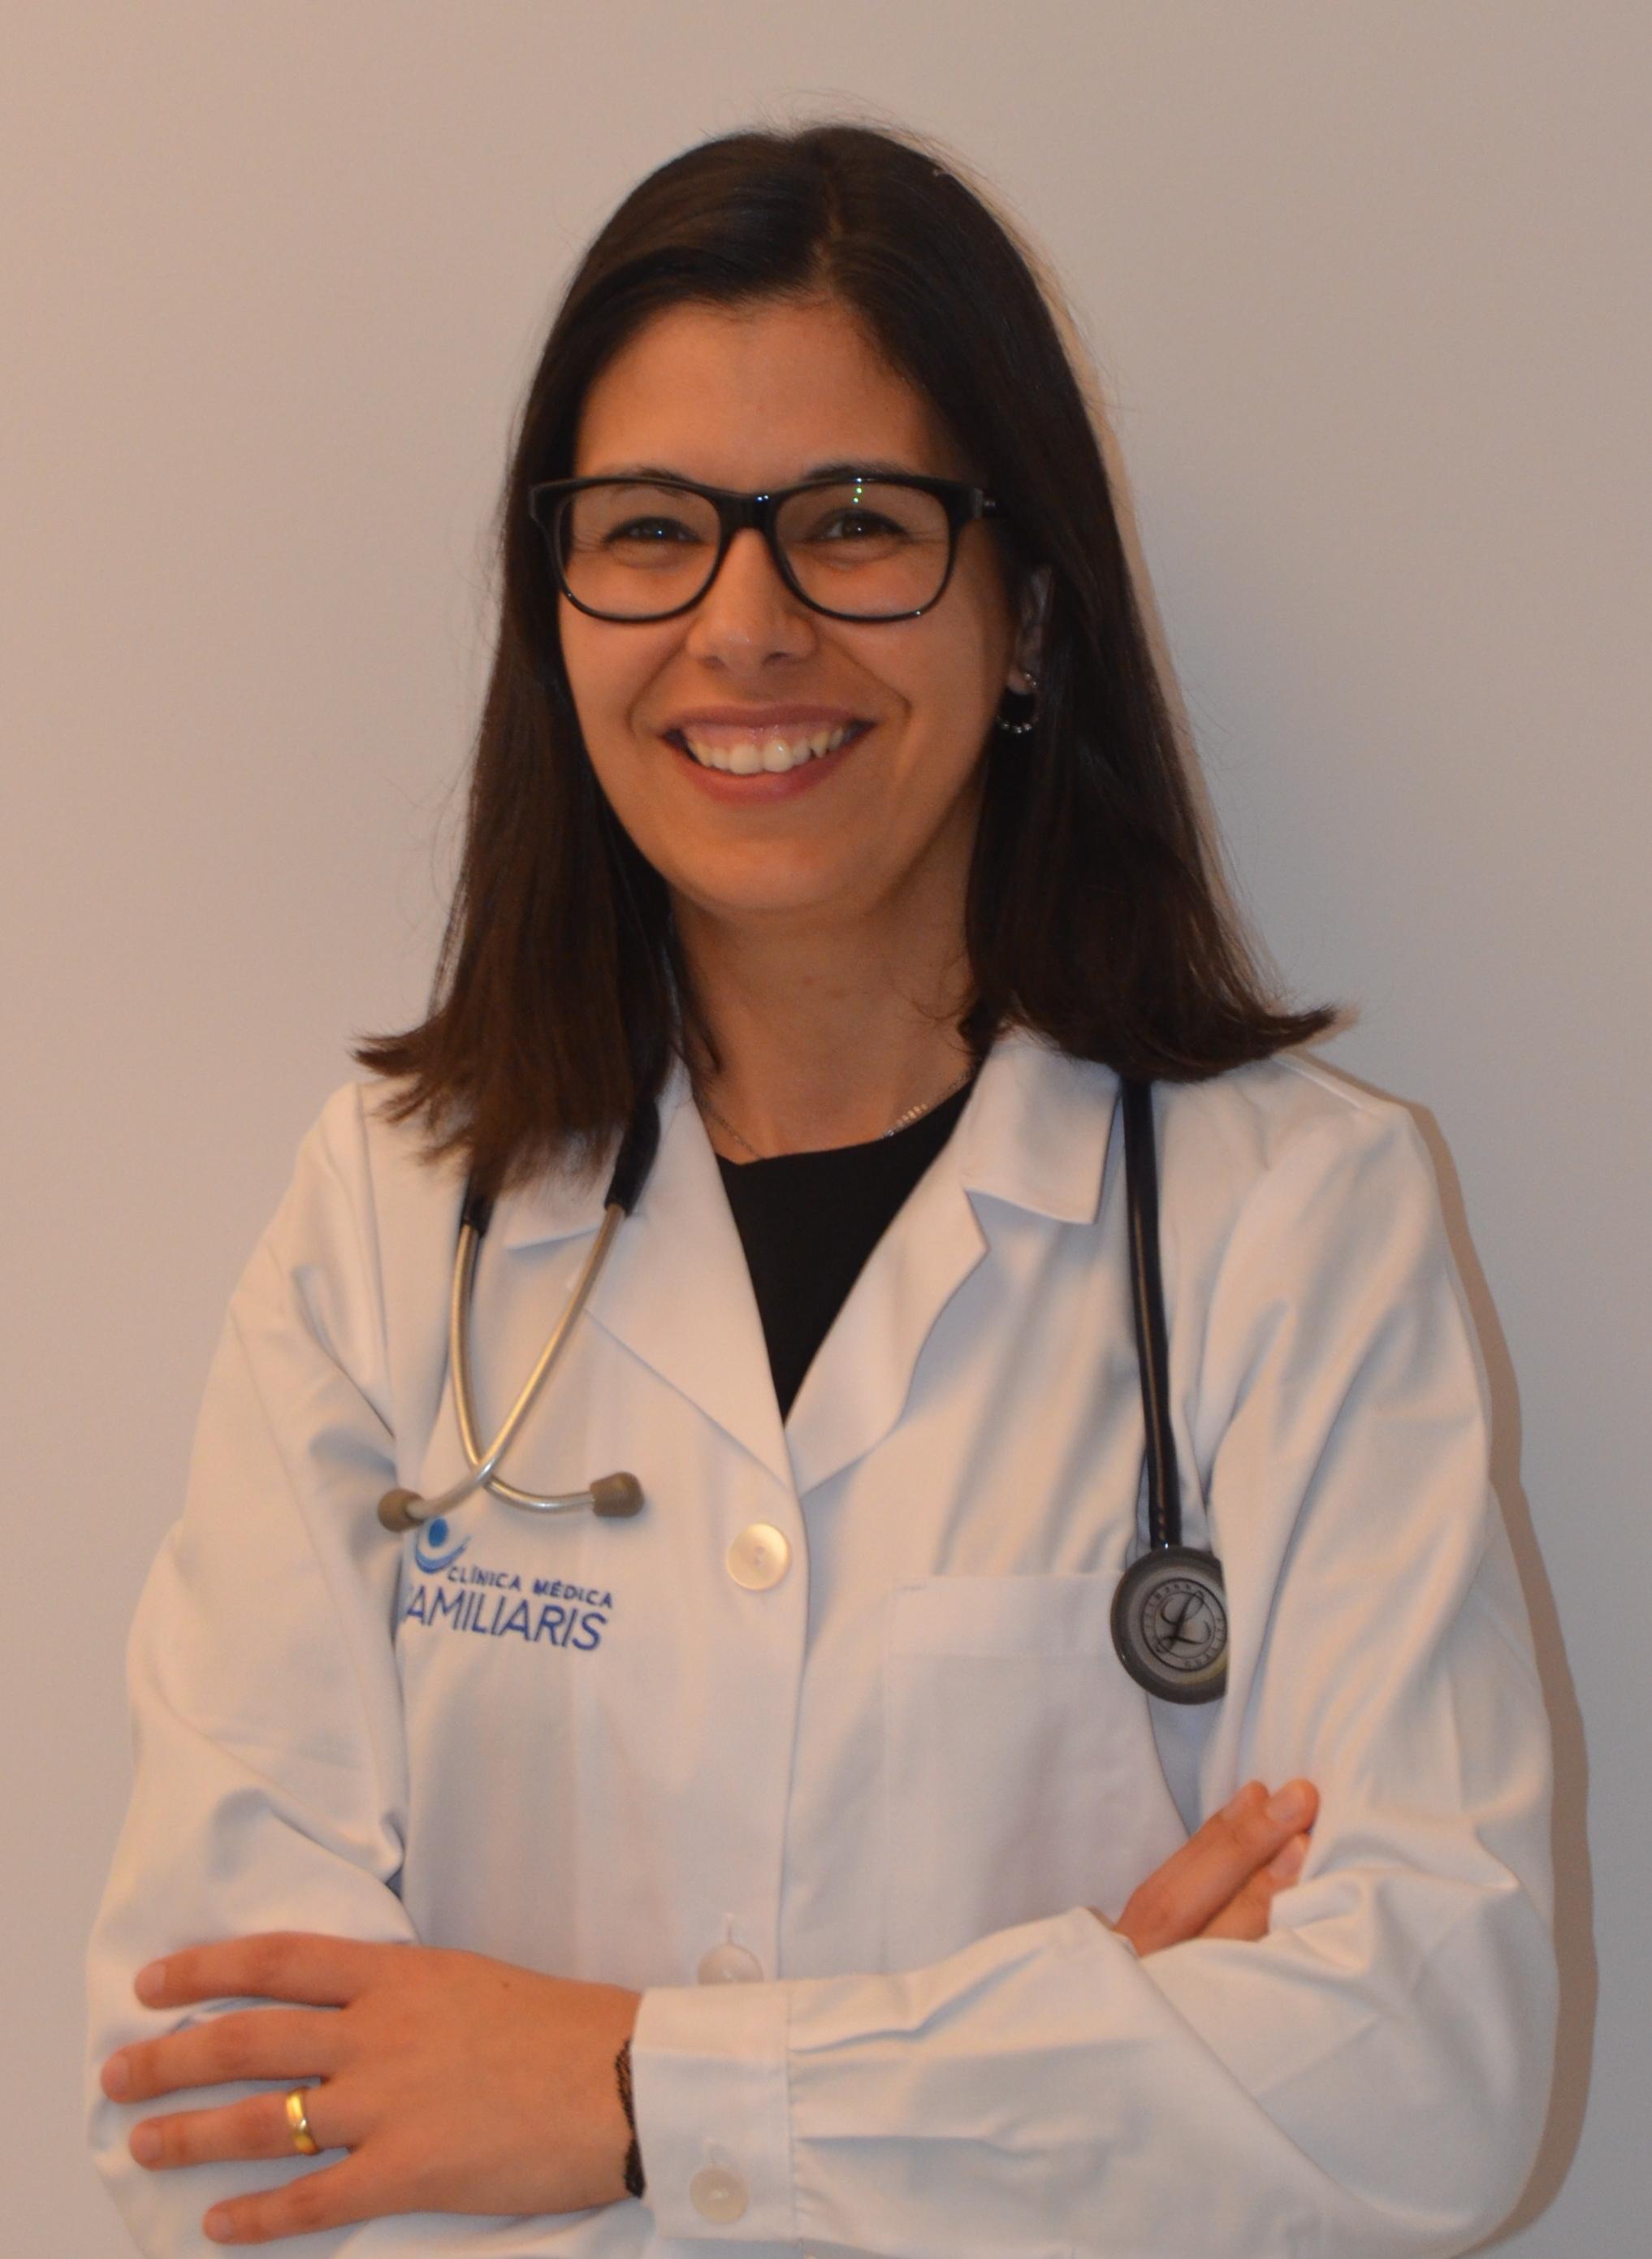 DRª CLÁUDIA SANTOS